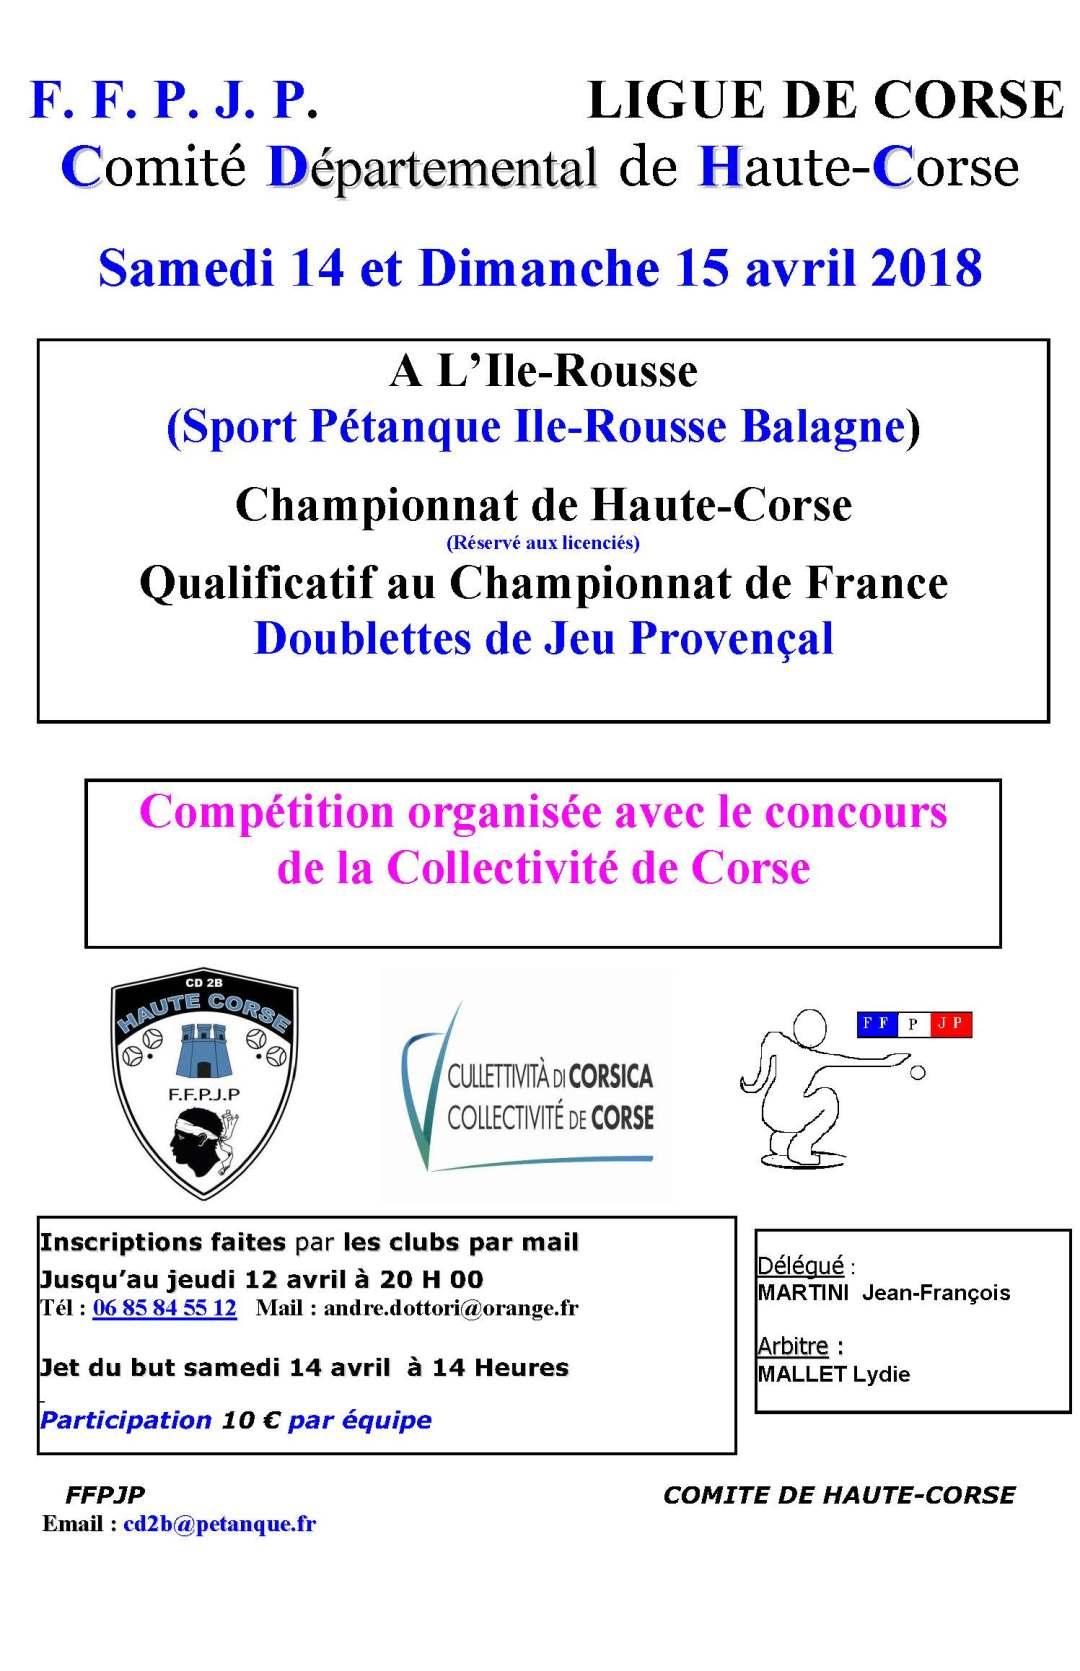 Samedi 14 & Dimanche 15 avril, Championnat de Haute-Corse Doublette Jeux Provençal